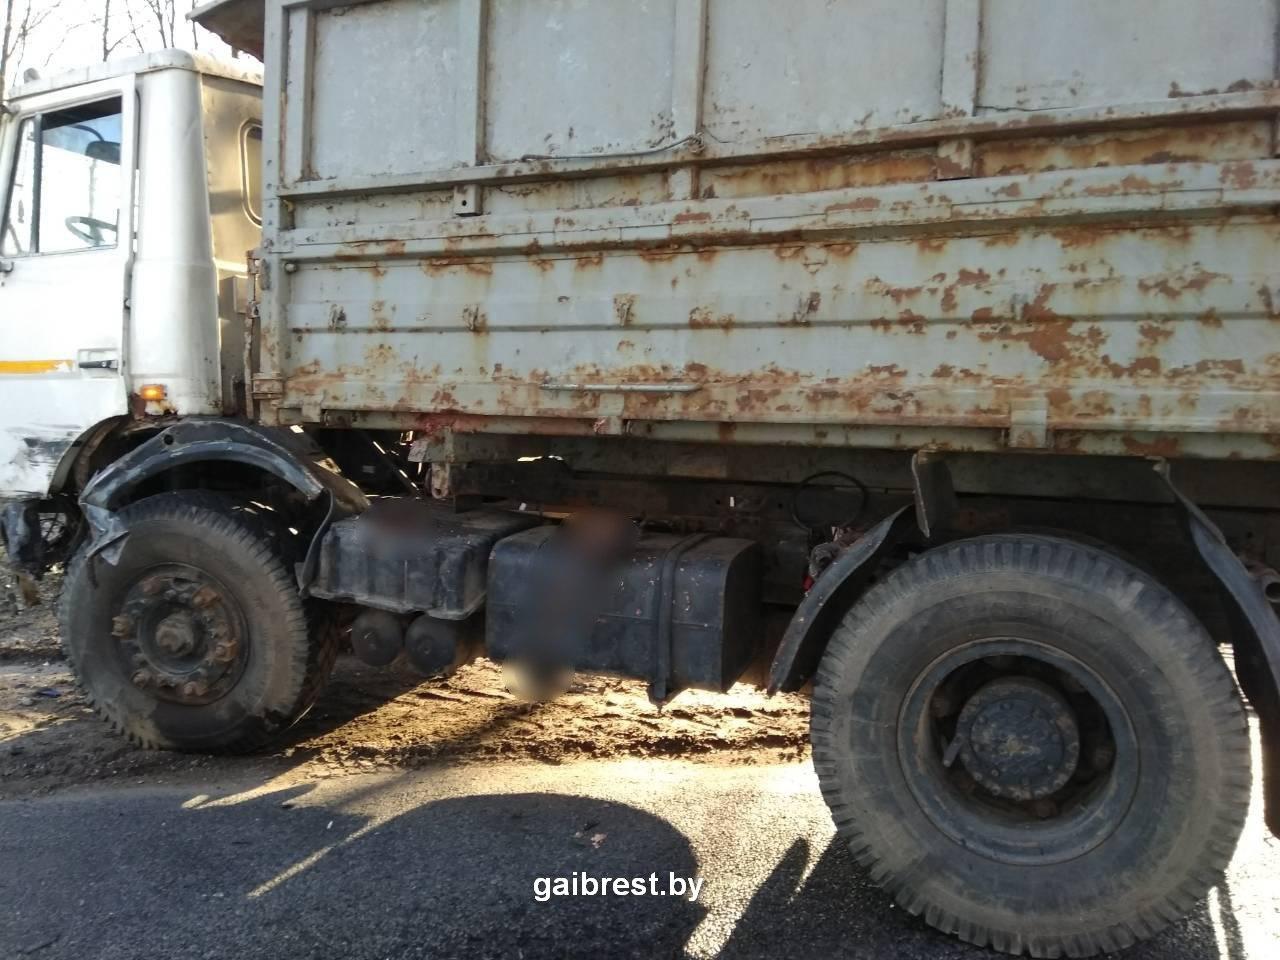 Мотоциклист при обгоне столкнулся с МАЗ-ом: водитель погиб, пассажир в реанимации